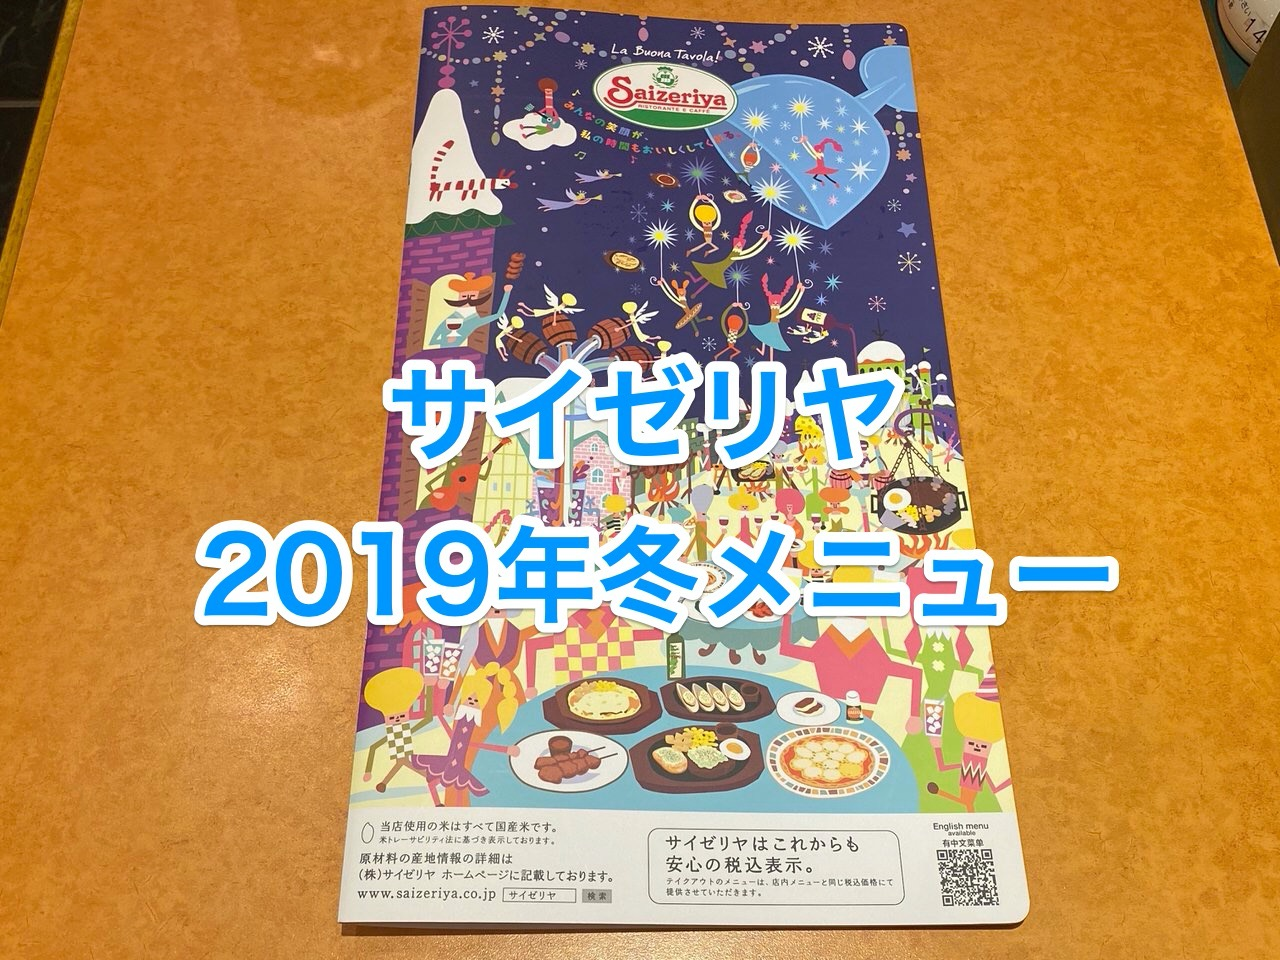 「サイゼリヤ」2019年冬のメニュー(新登場のラム肉串が羊強くて良いぜ!)